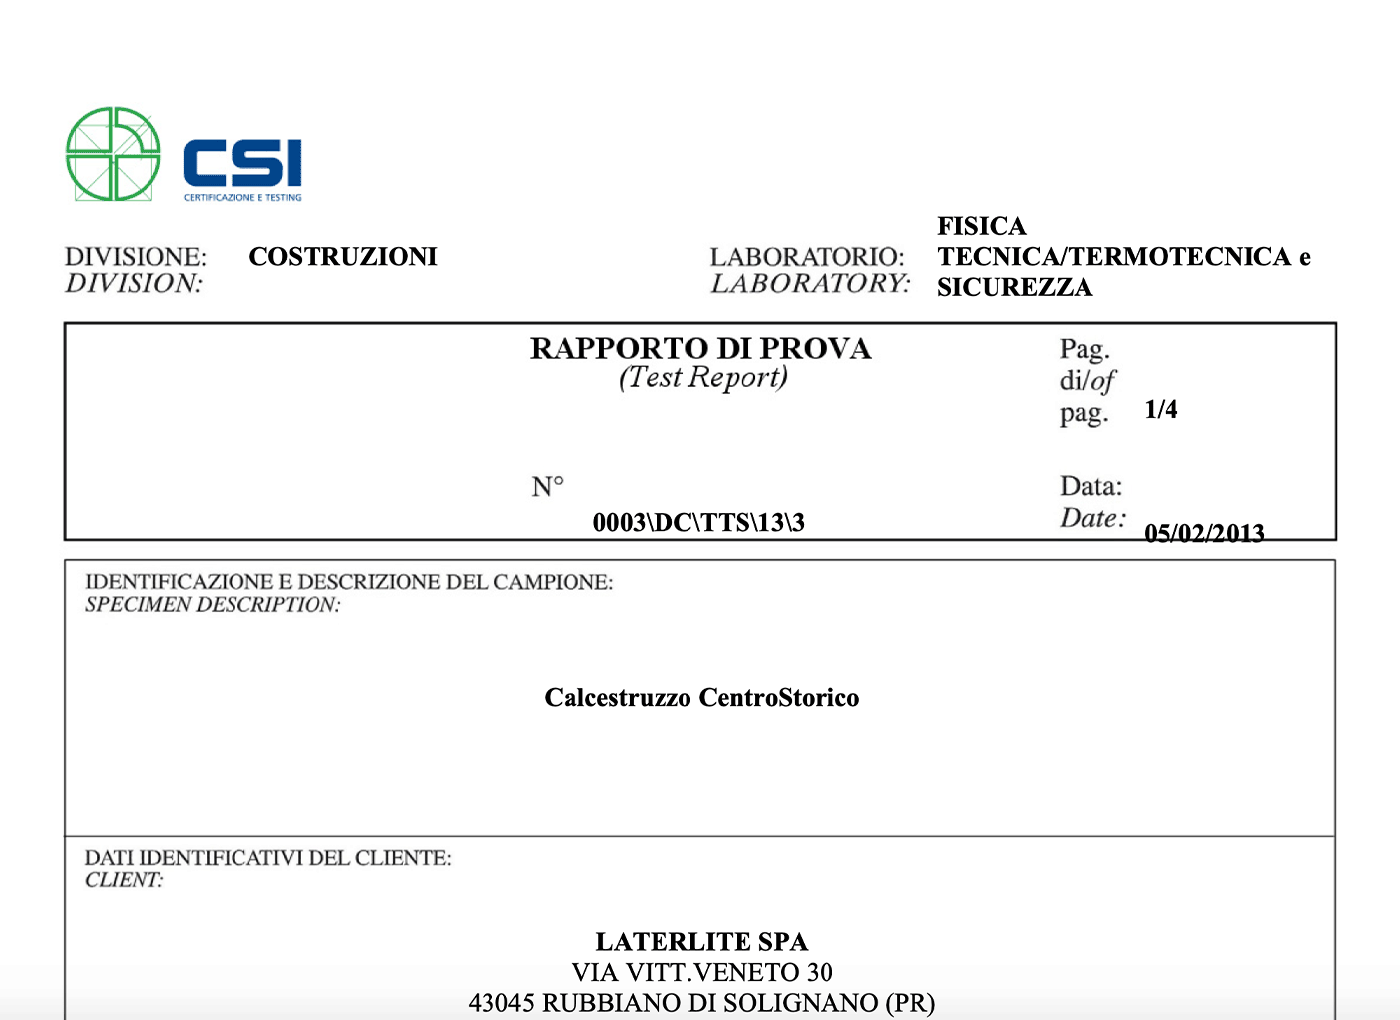 conducibilita-termica-caclestruzzo-centrostorico